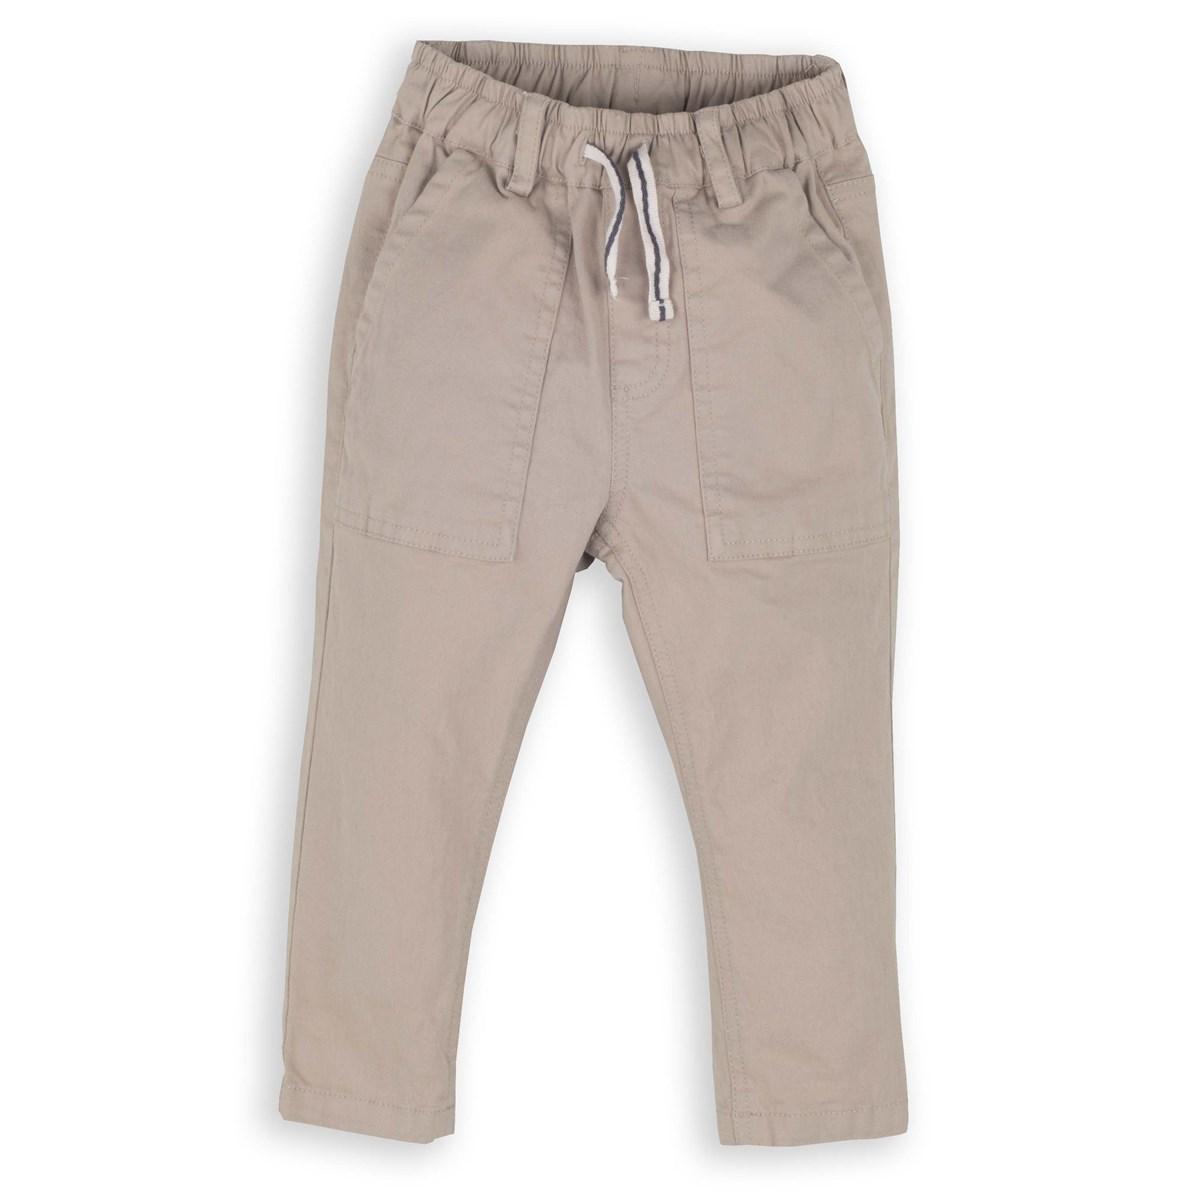 13902 Pantolon 1